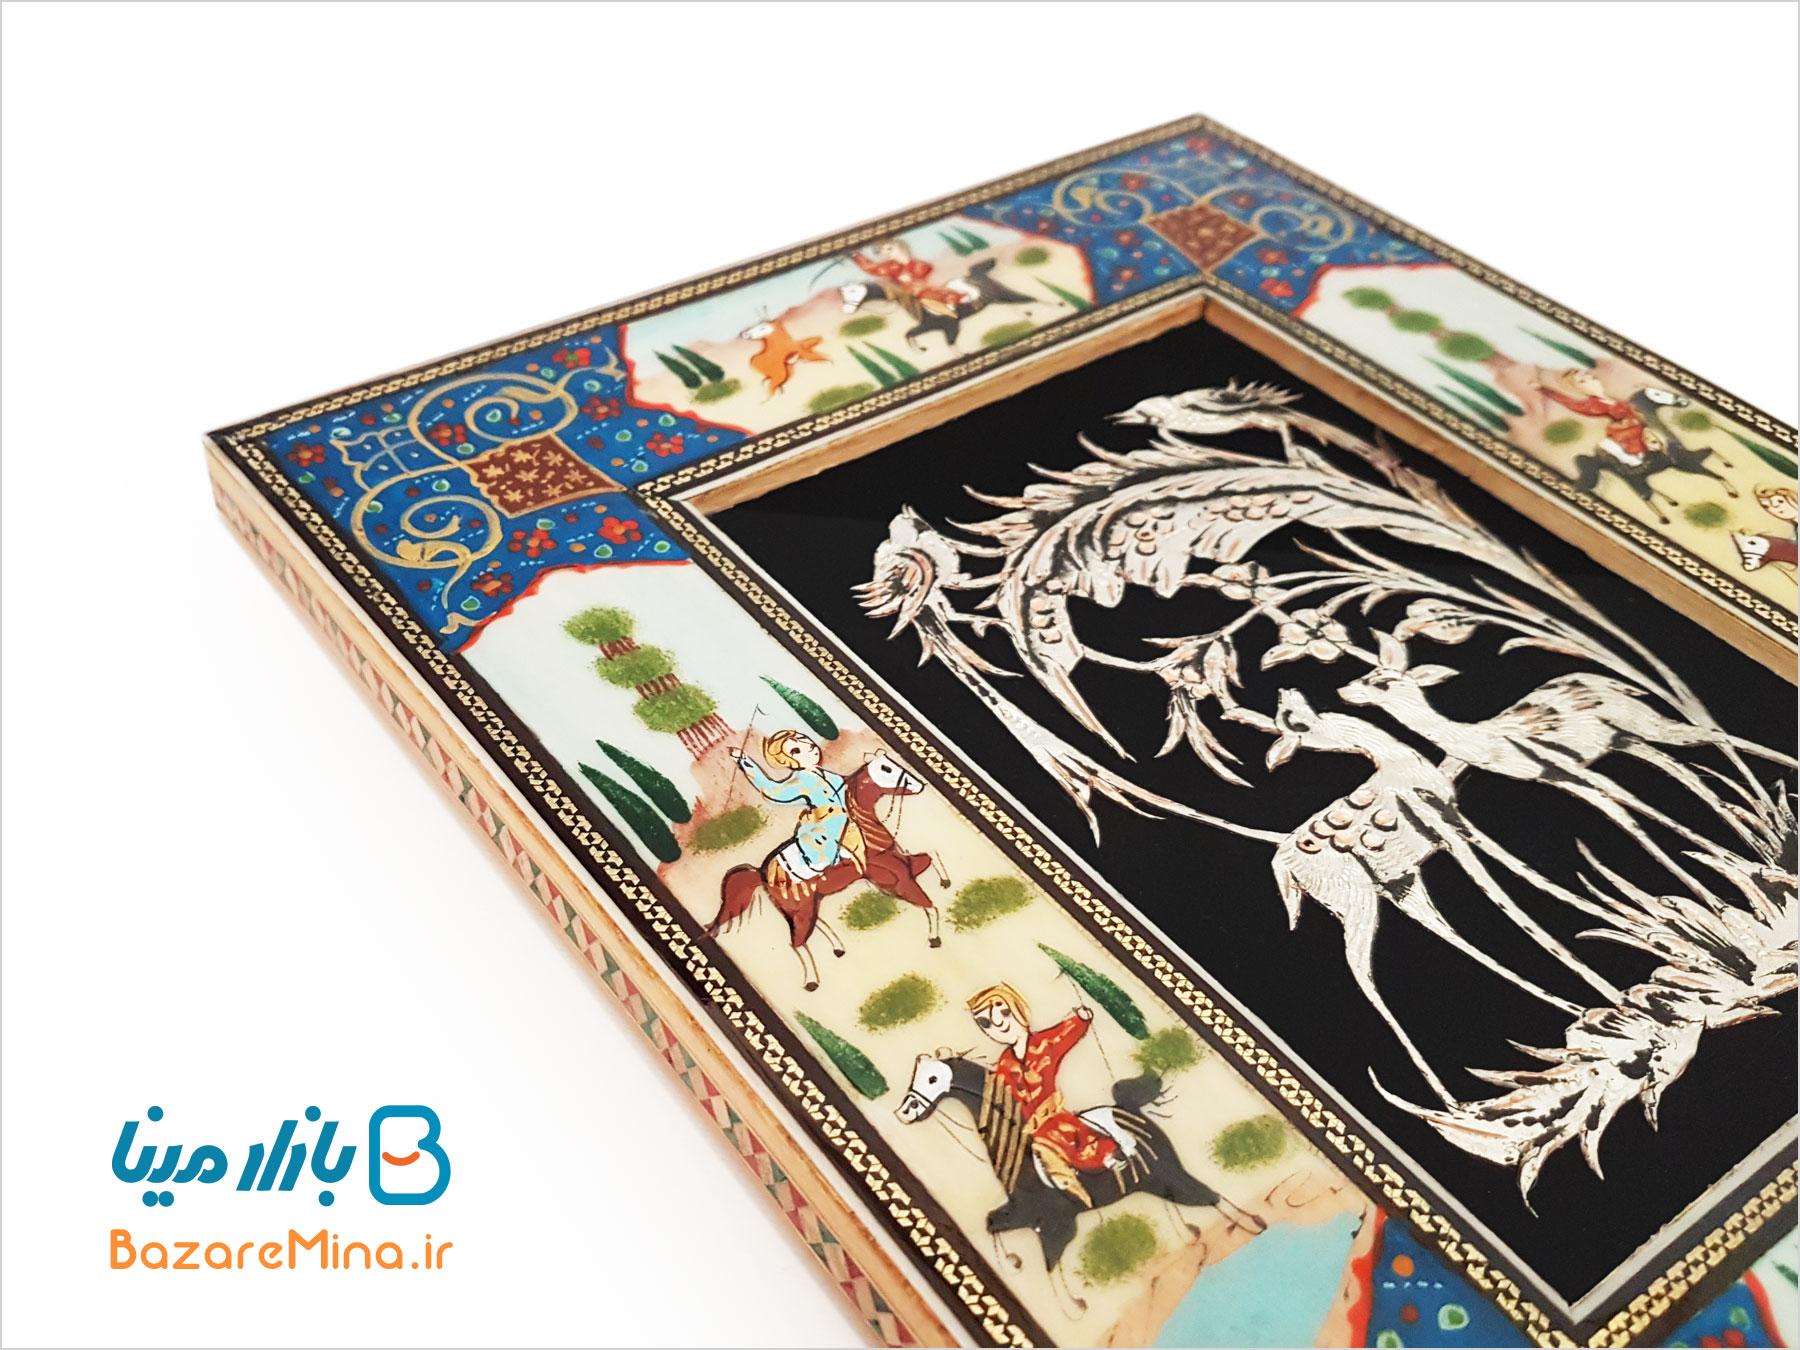 تابلوی قلمزنی اصفهان